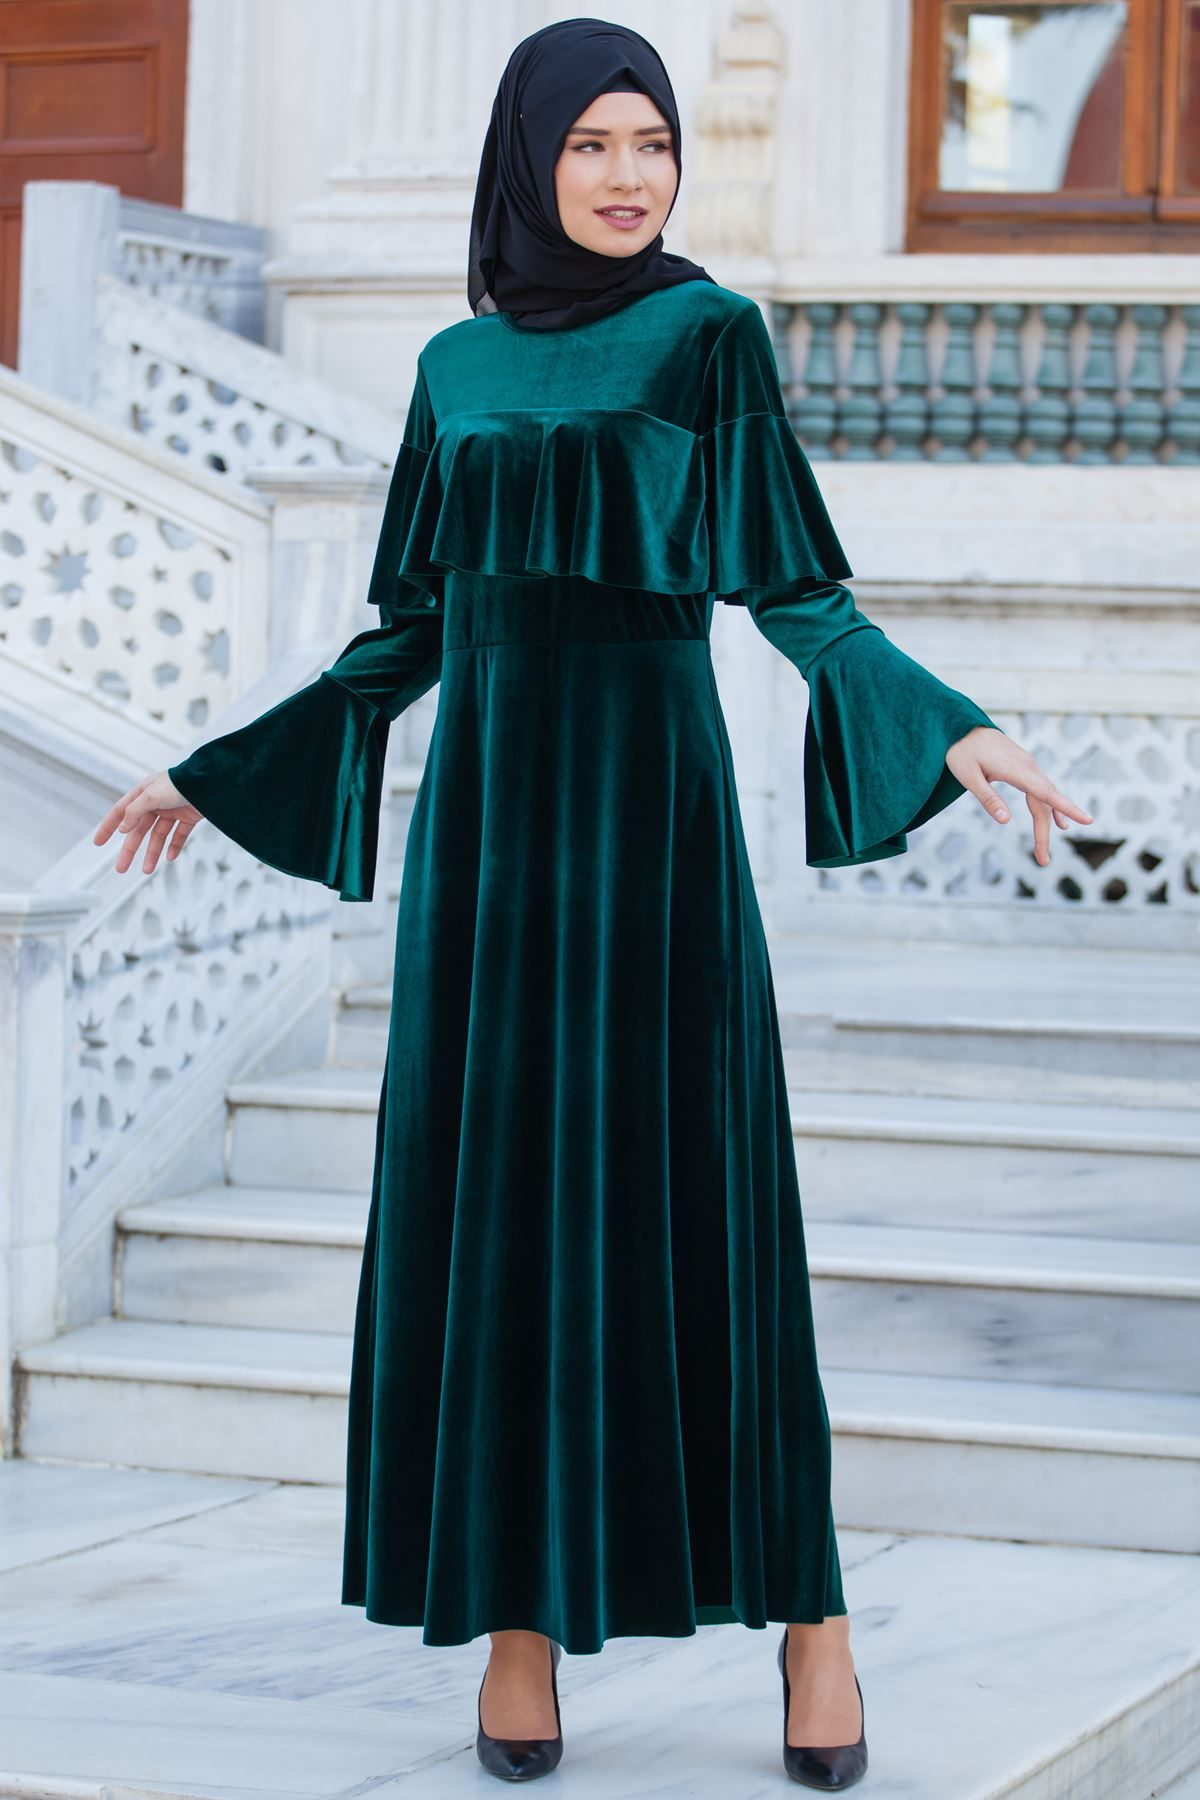 3fdc49fe7edff Sedanur Tesettür Volan Kol Kadife Elbise Modelleri - Moda Tesettür Giyim